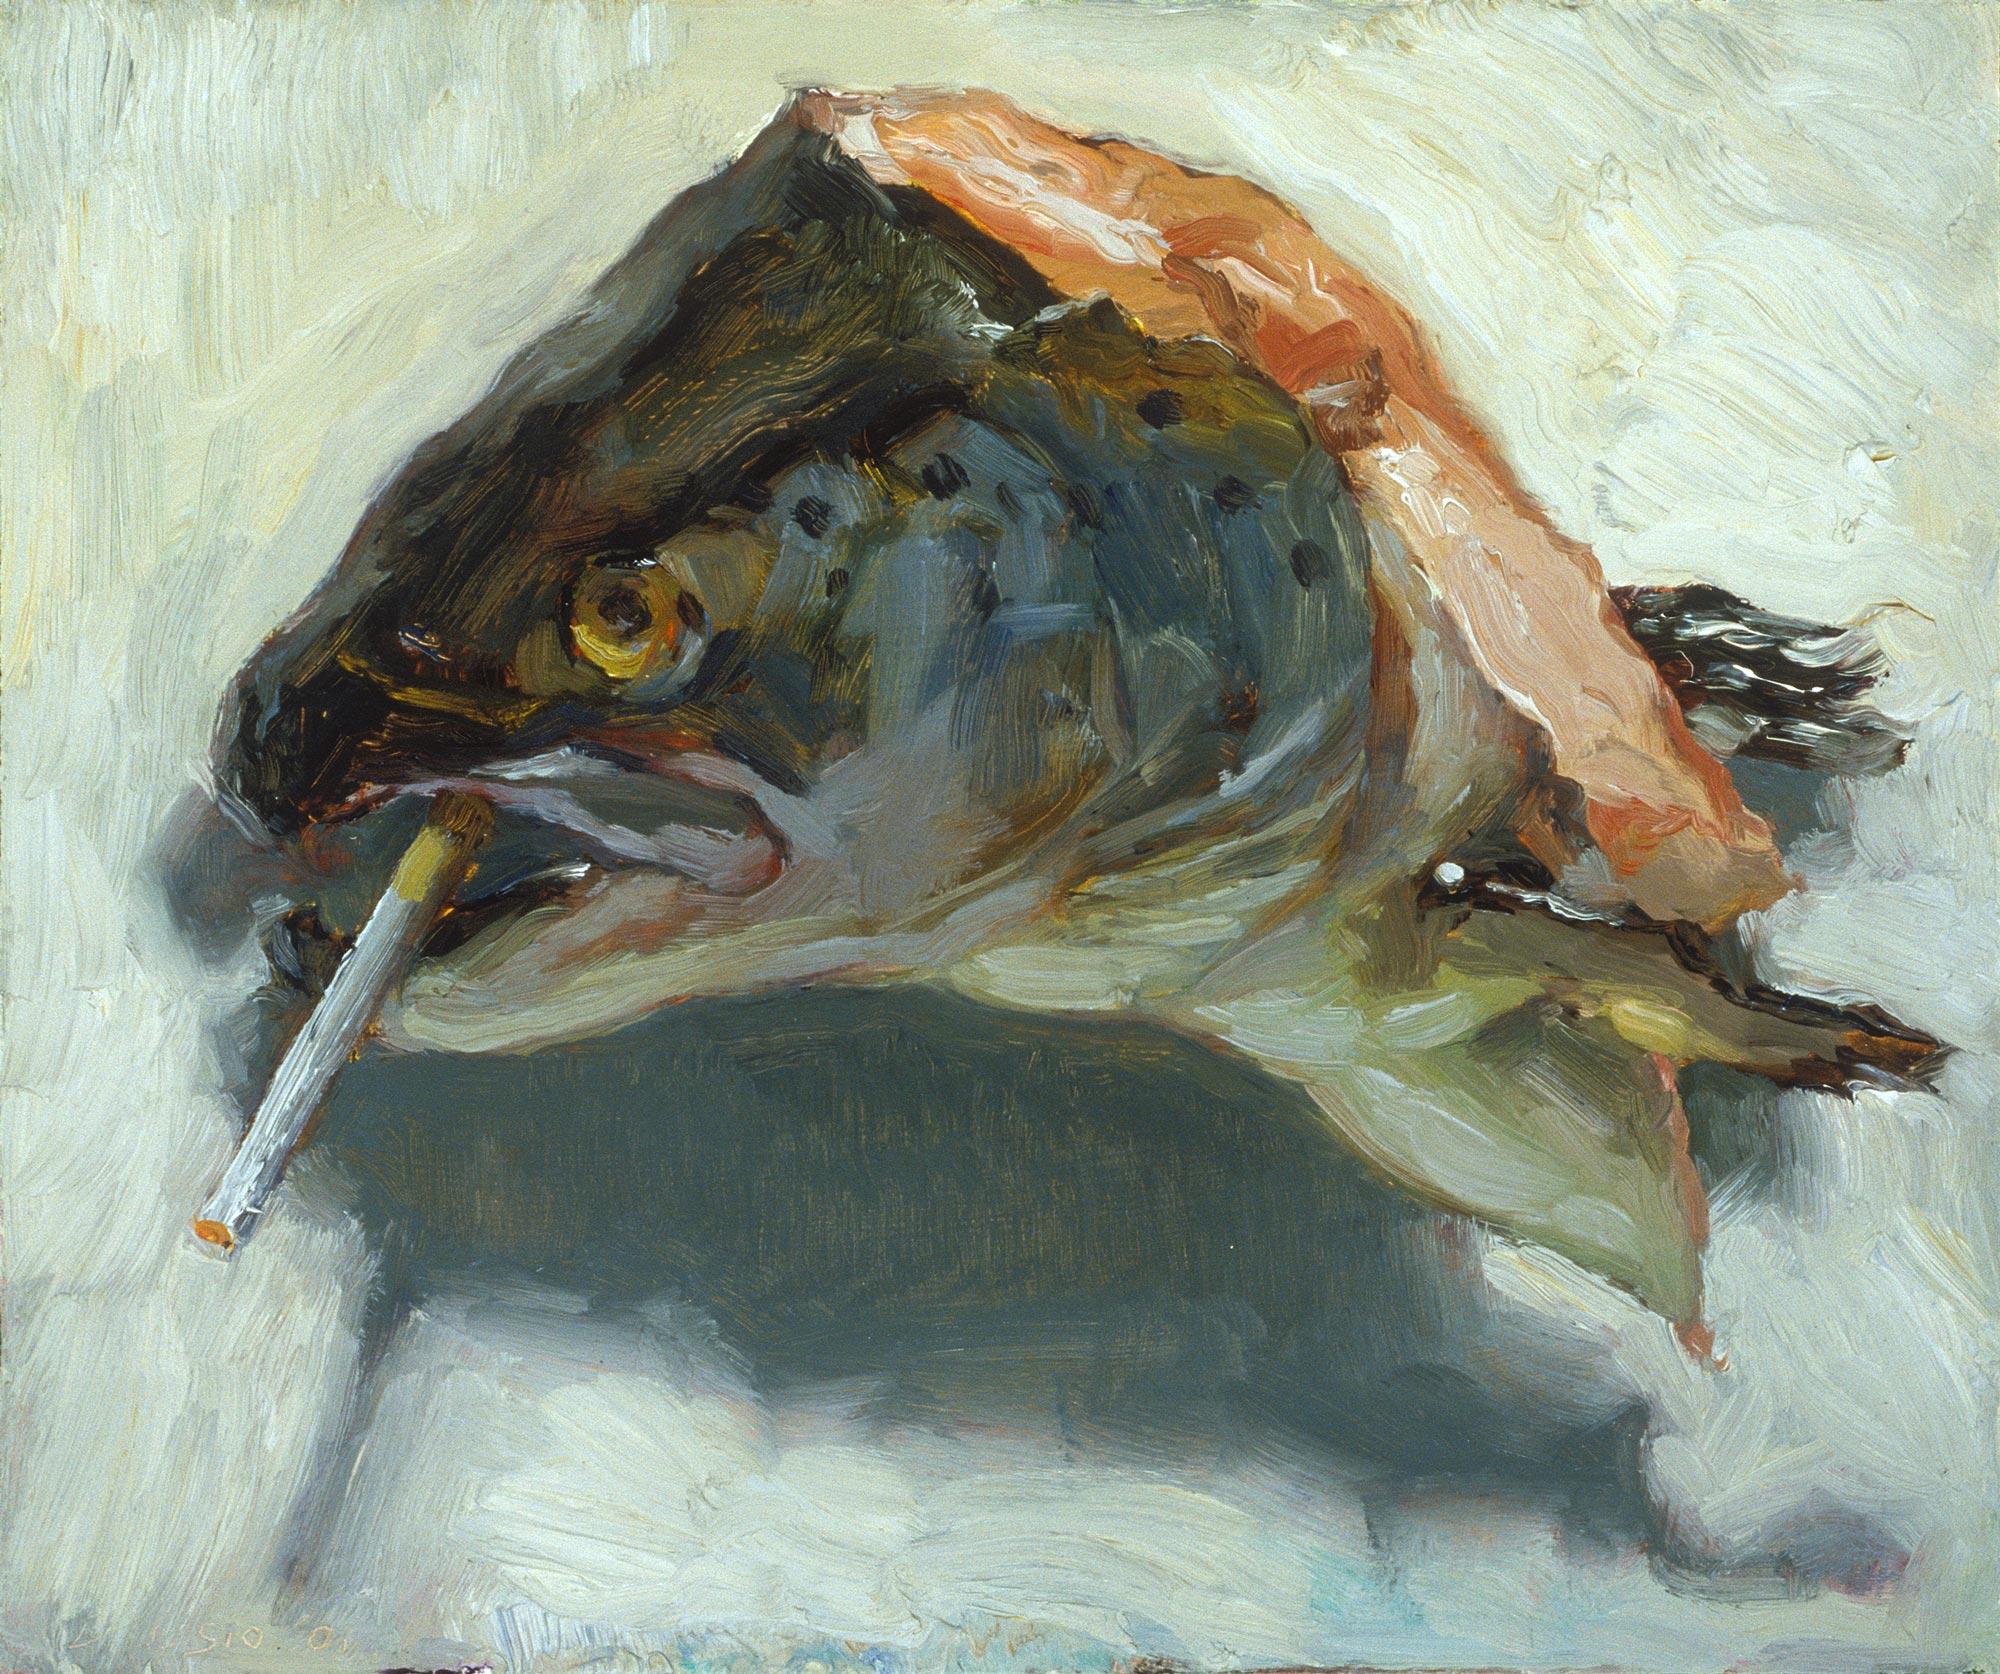 Smoking Salmon, 12 x 14, oil on board, 2001